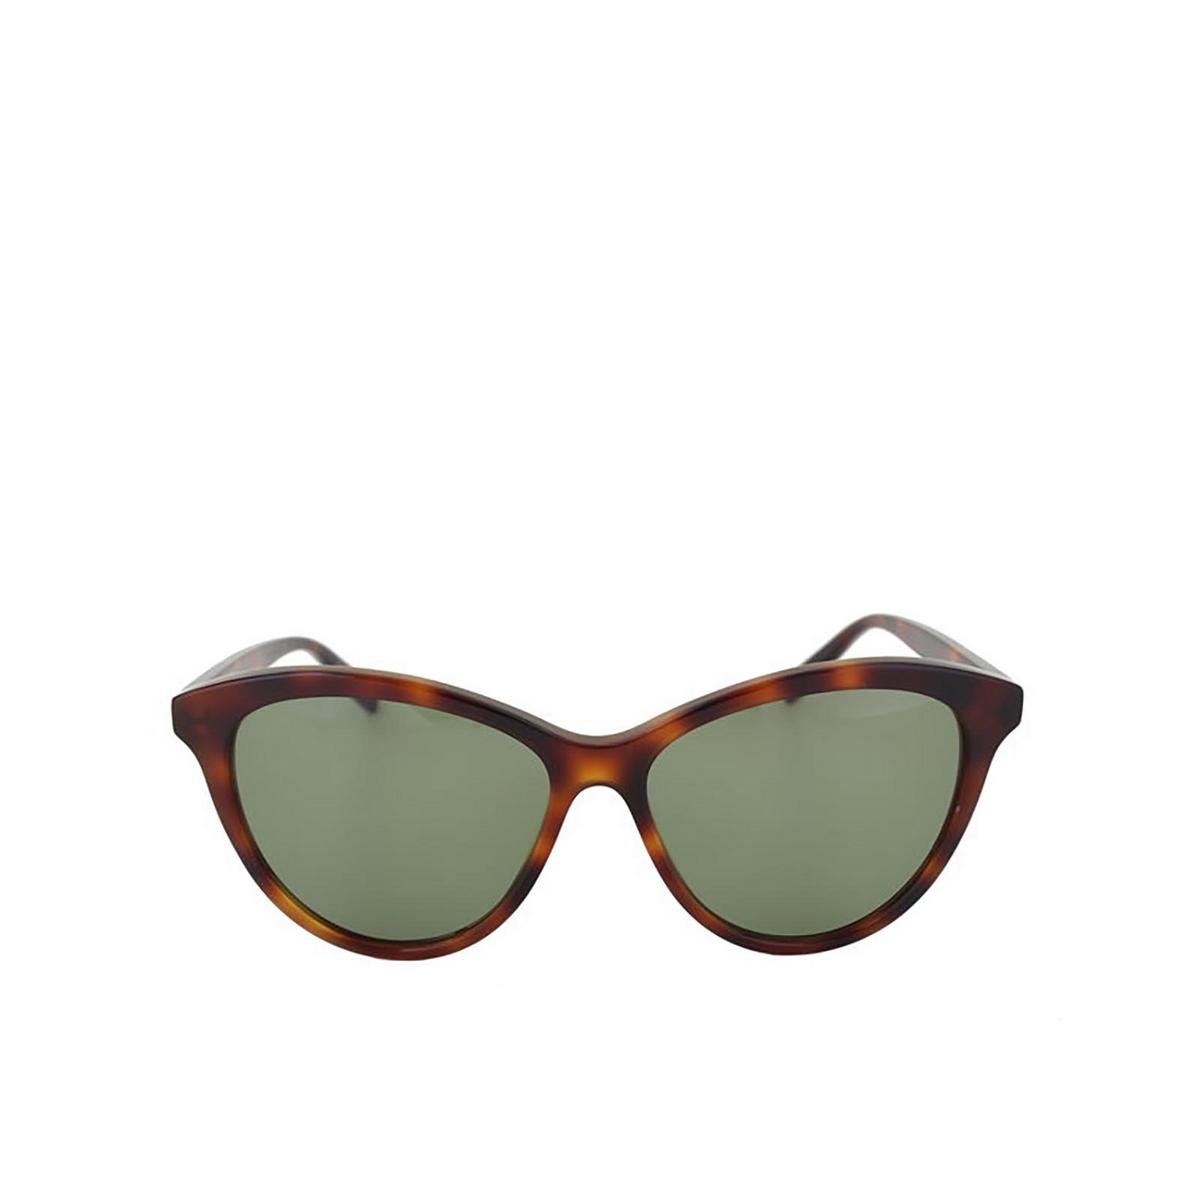 Saint Laurent® Cat-eye Sunglasses: SL 456 color Havana 002 - front view.